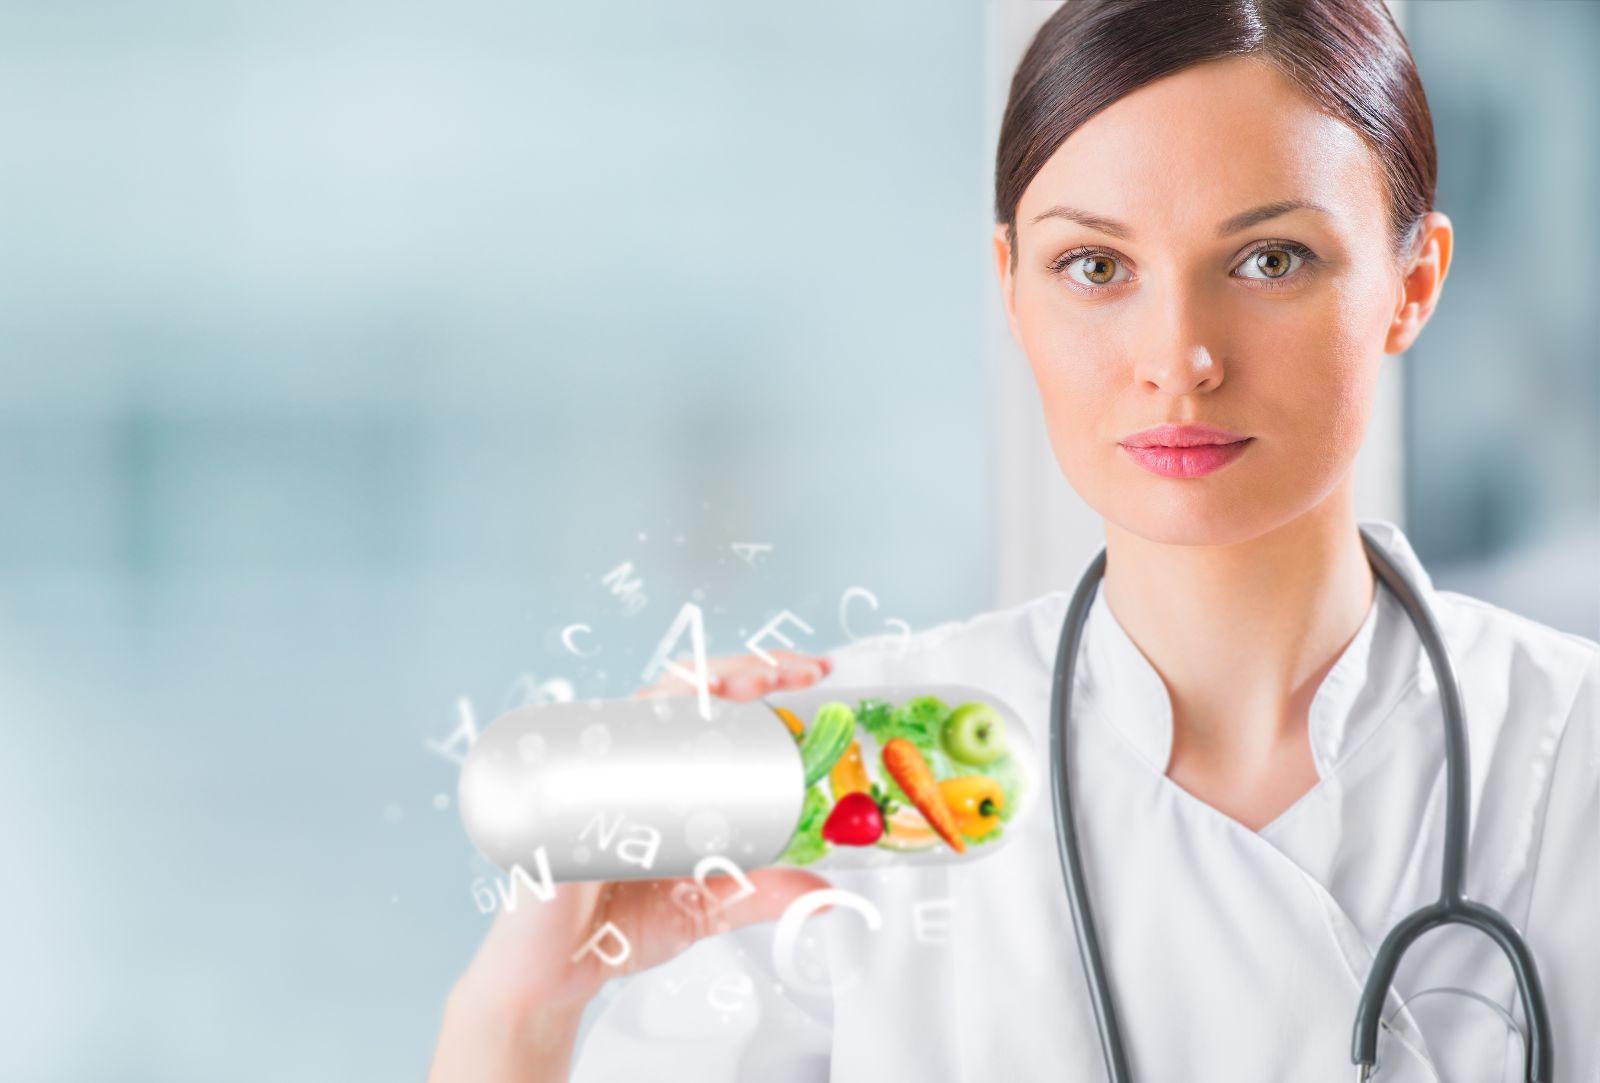 Doctora sosteniendo pildora con imágenes de vida saludable